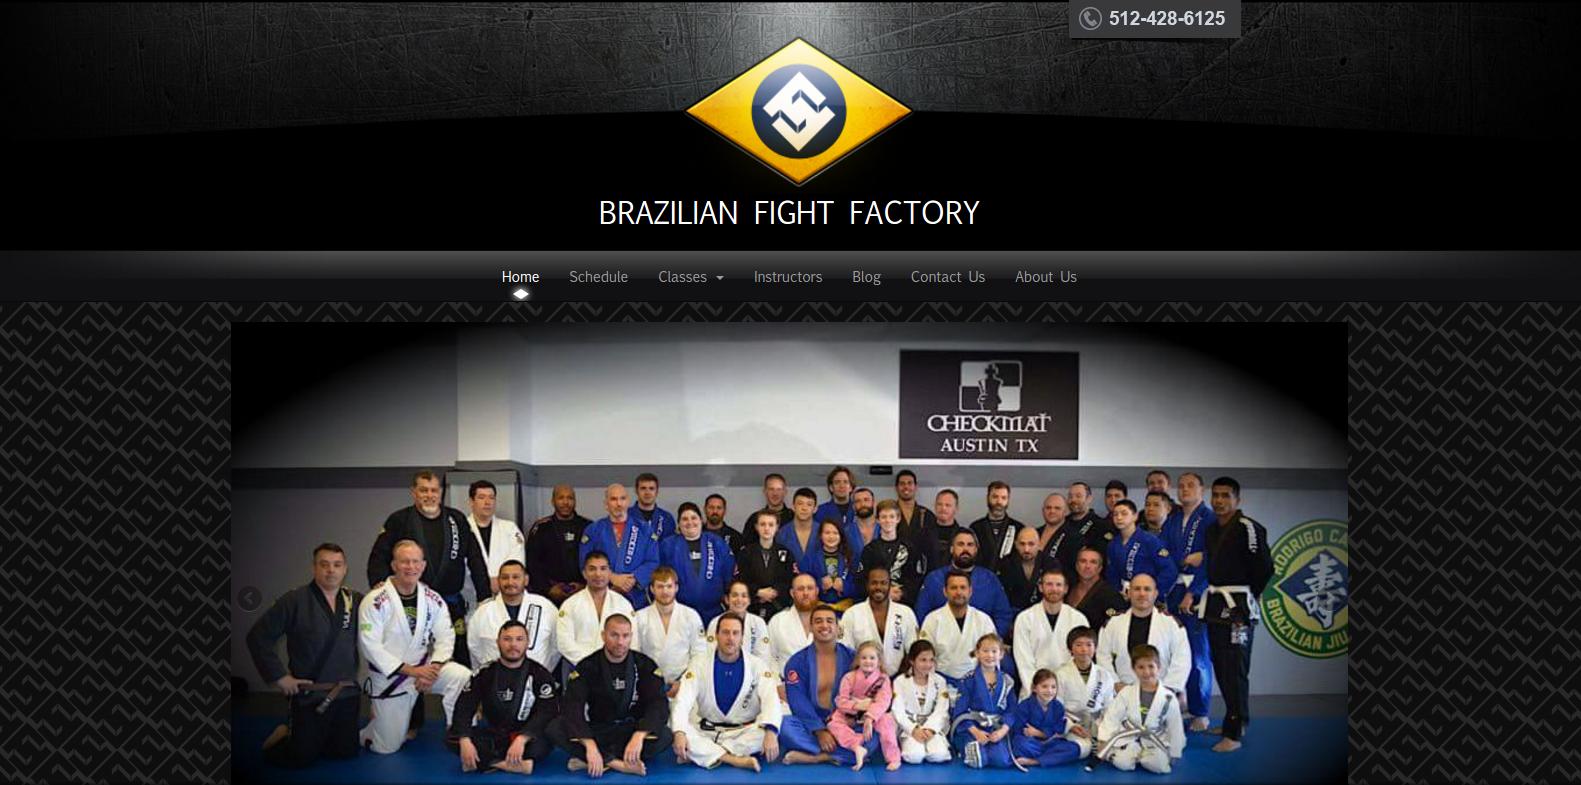 bff homepage